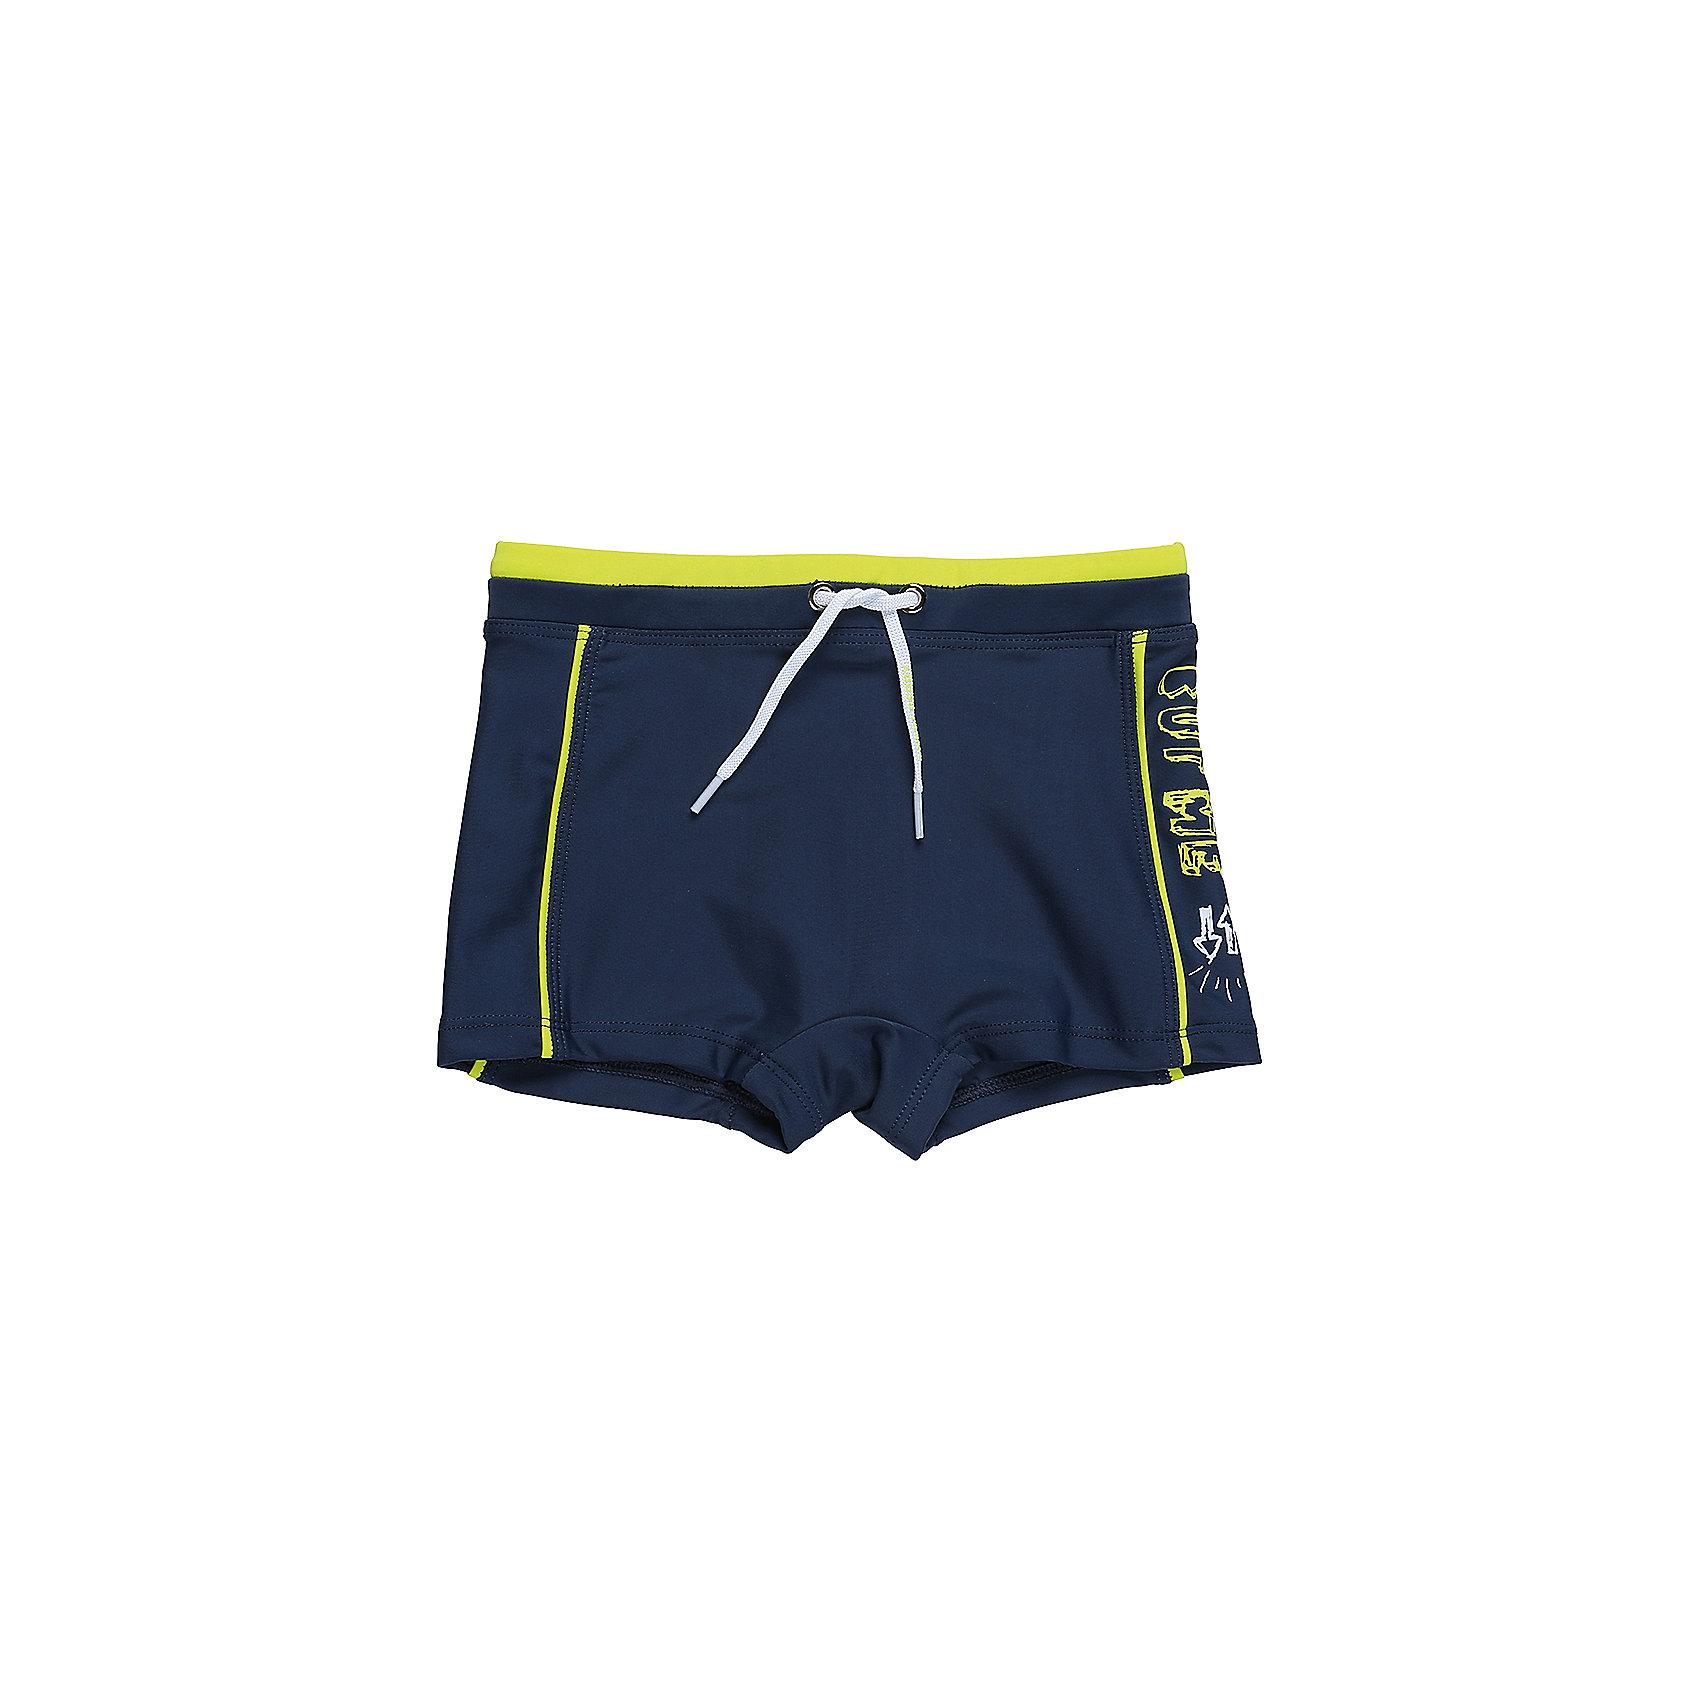 Плавки для мальчика Sweet BerryКлассические купальные плавки-шорты для мальчика с ярким принтом. Пояс-резинка дополнен шнуром для регулирования объема.<br>Состав:<br>85%нейлон 15% эластан<br><br>Ширина мм: 183<br>Глубина мм: 60<br>Высота мм: 135<br>Вес г: 119<br>Цвет: разноцветный<br>Возраст от месяцев: 36<br>Возраст до месяцев: 48<br>Пол: Мужской<br>Возраст: Детский<br>Размер: 104,110,116,128,140<br>SKU: 5410278